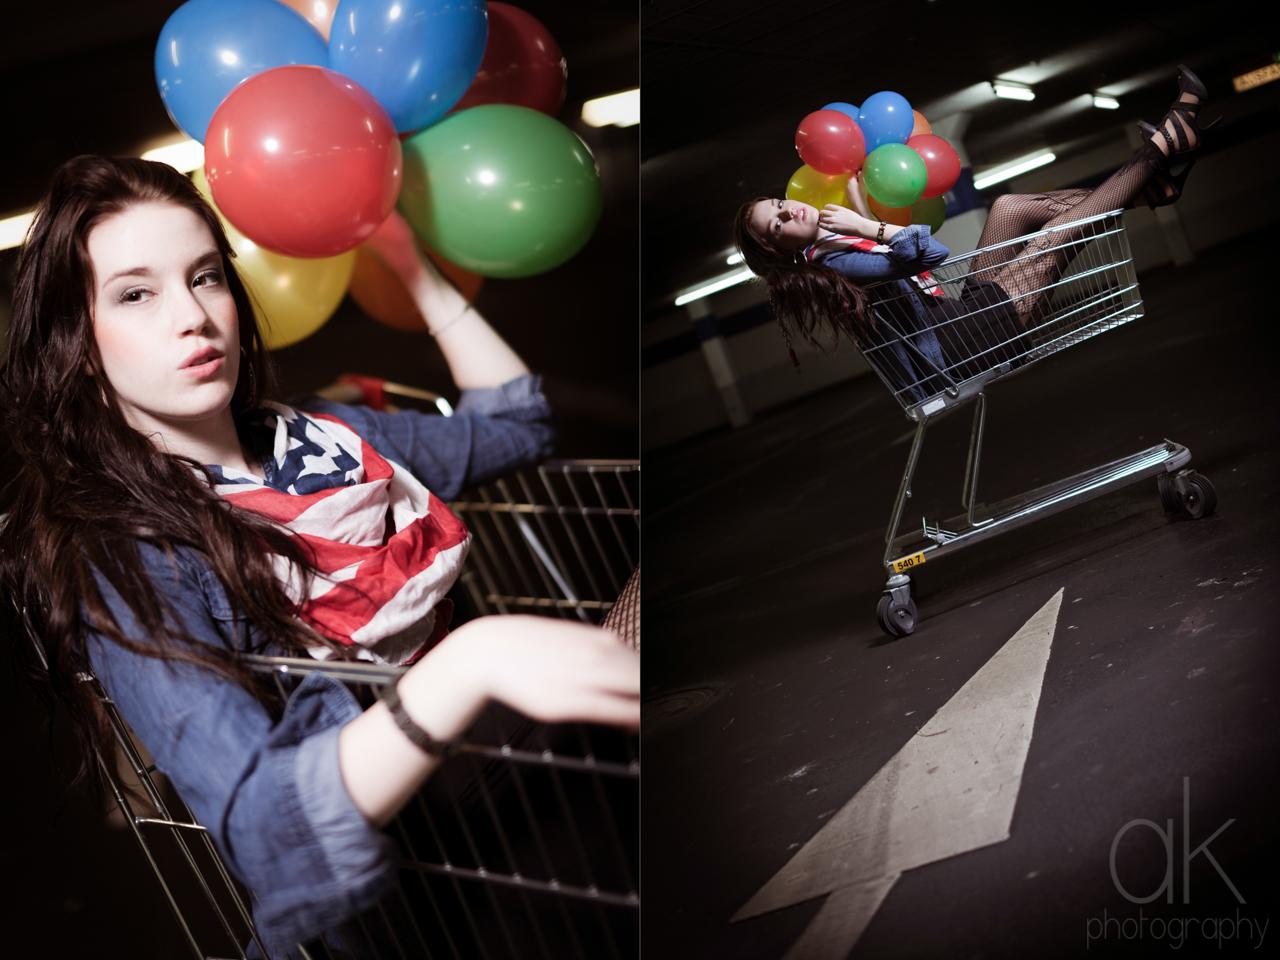 Jana im Einkaufswagen